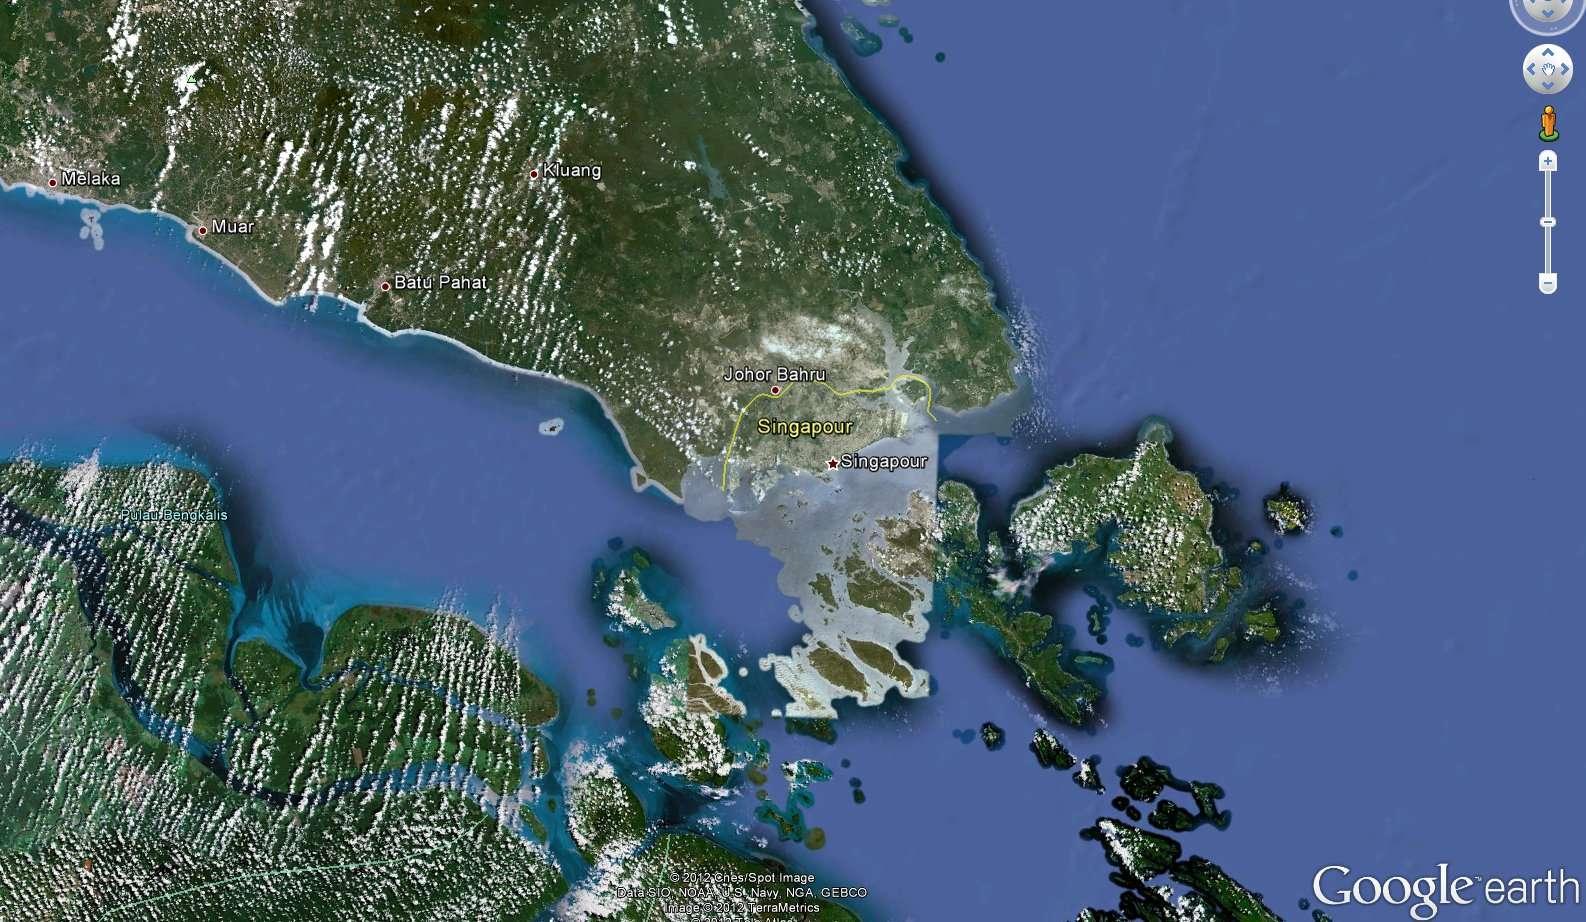 Singapour est un territoire de 699 km2 et formé de 64 îles. La principale, Pulau Ujong, est enclavée au sud de la péninsule malaise, dont la cité-État importe une partie de son eau. © Google Earth